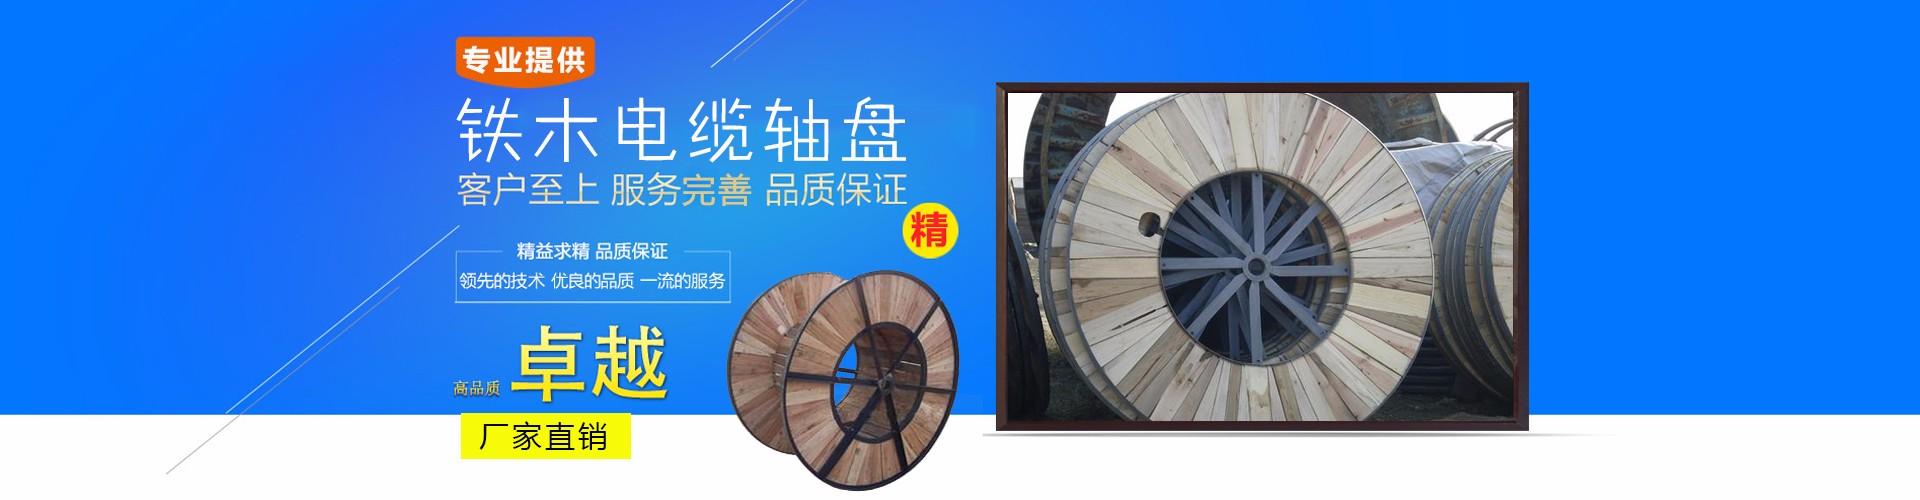 电缆轴盘生产厂家